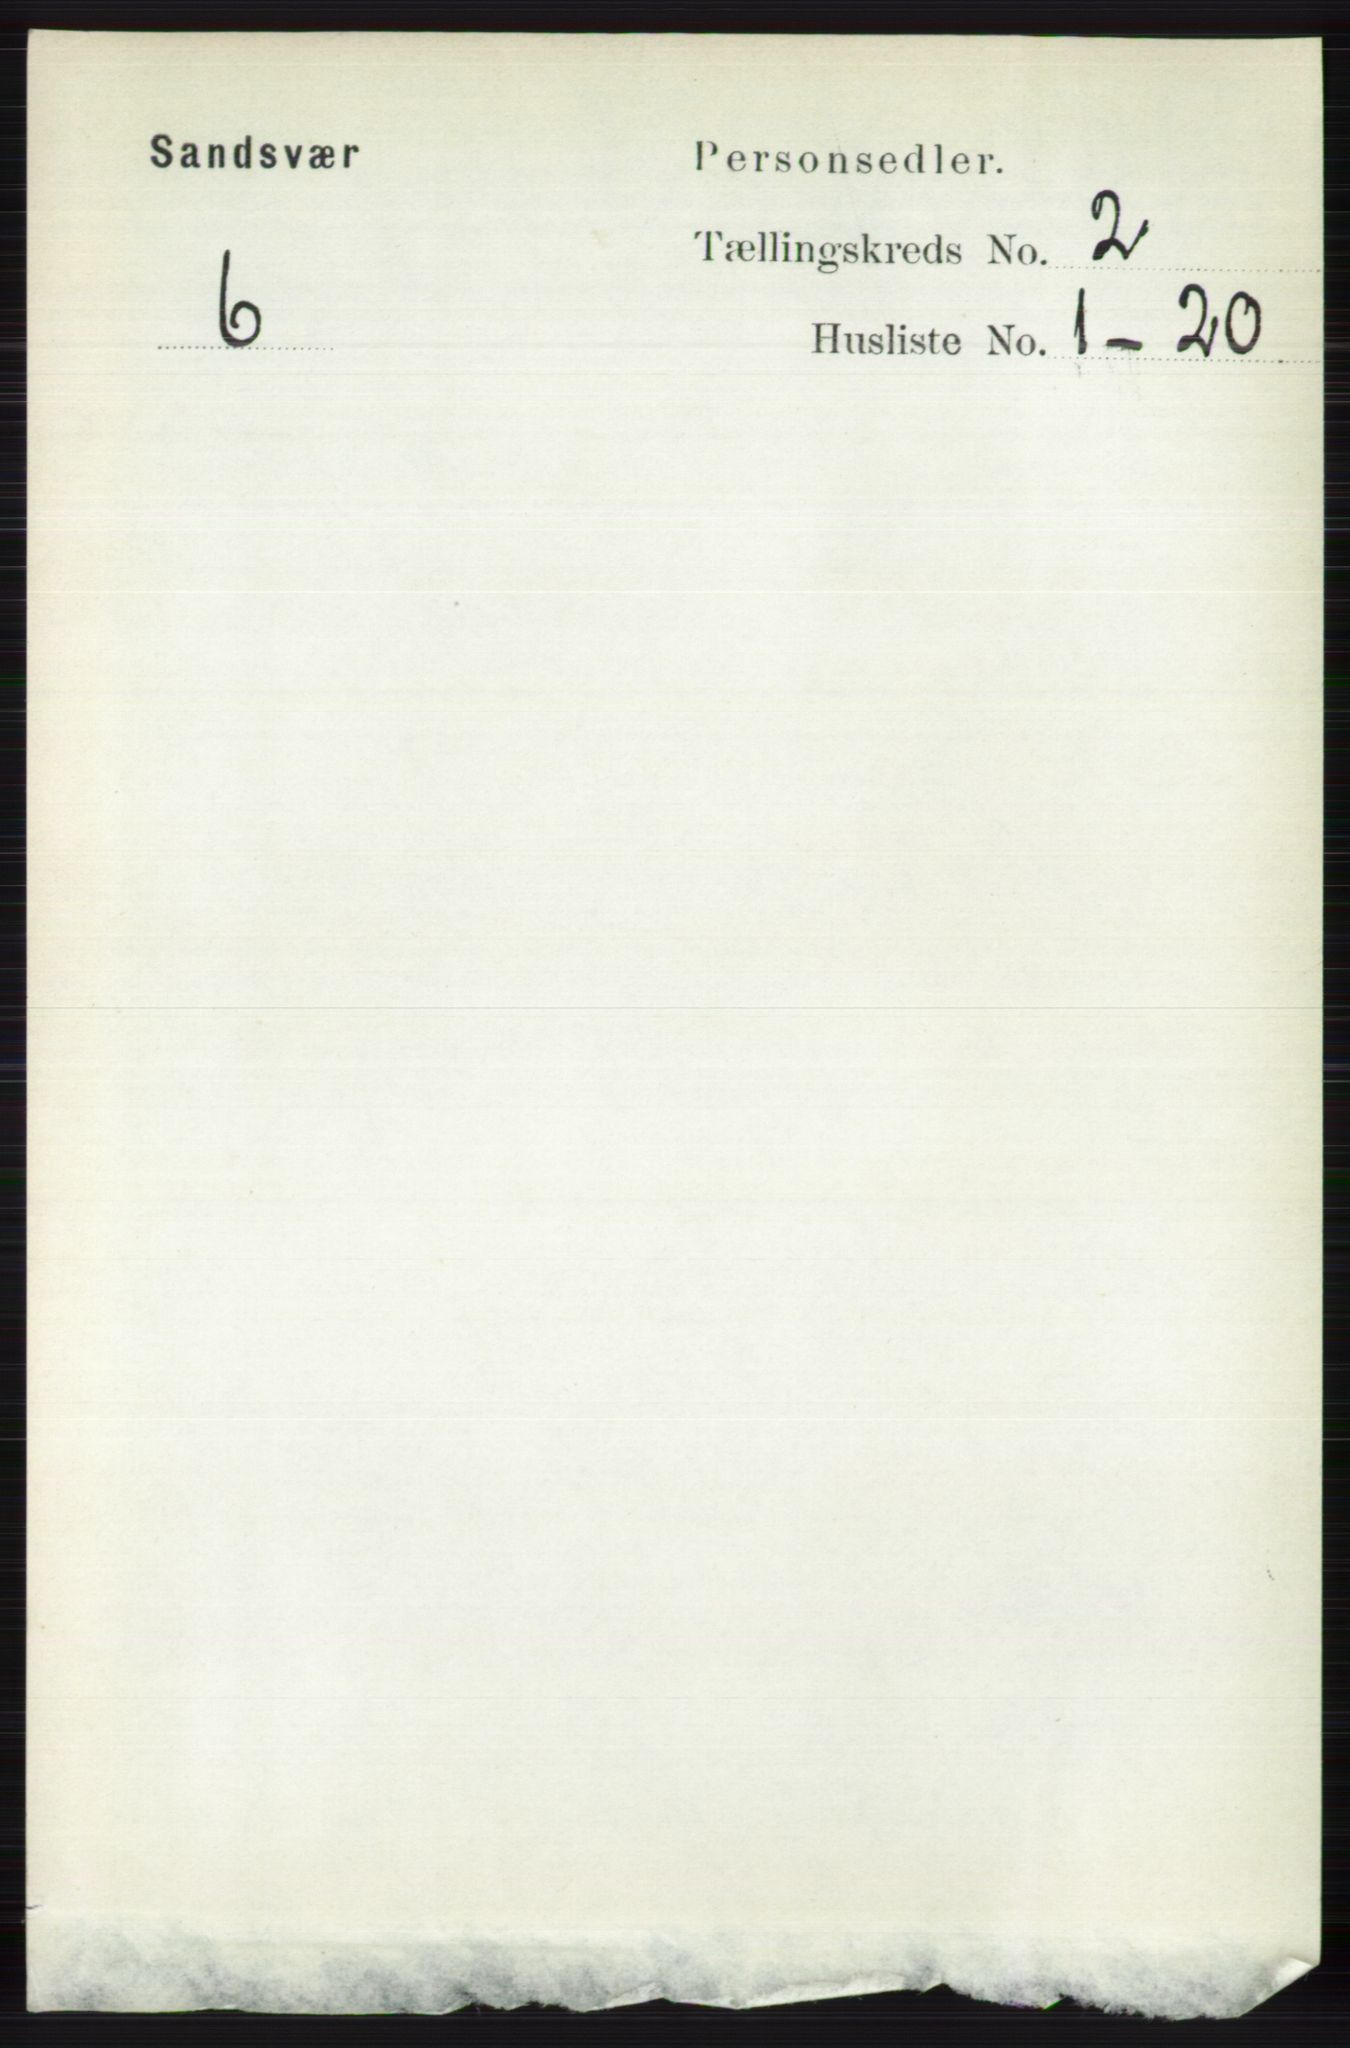 RA, Folketelling 1891 for 0629 Sandsvær herred, 1891, s. 679